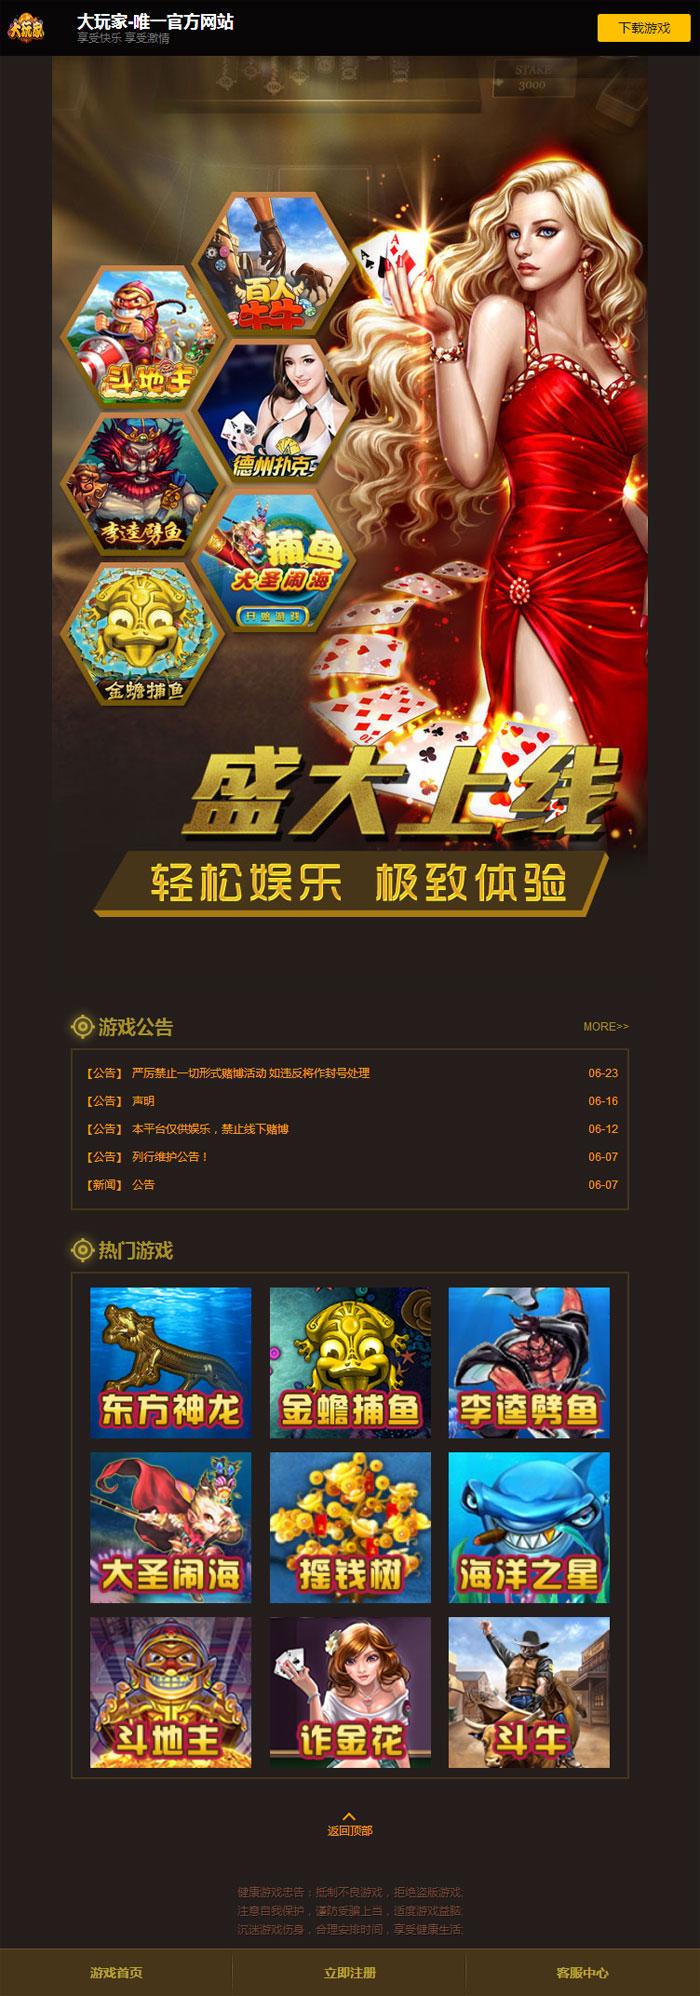 大富豪最新版 多套精美网站风格 三网通棋牌平台网站-第7张